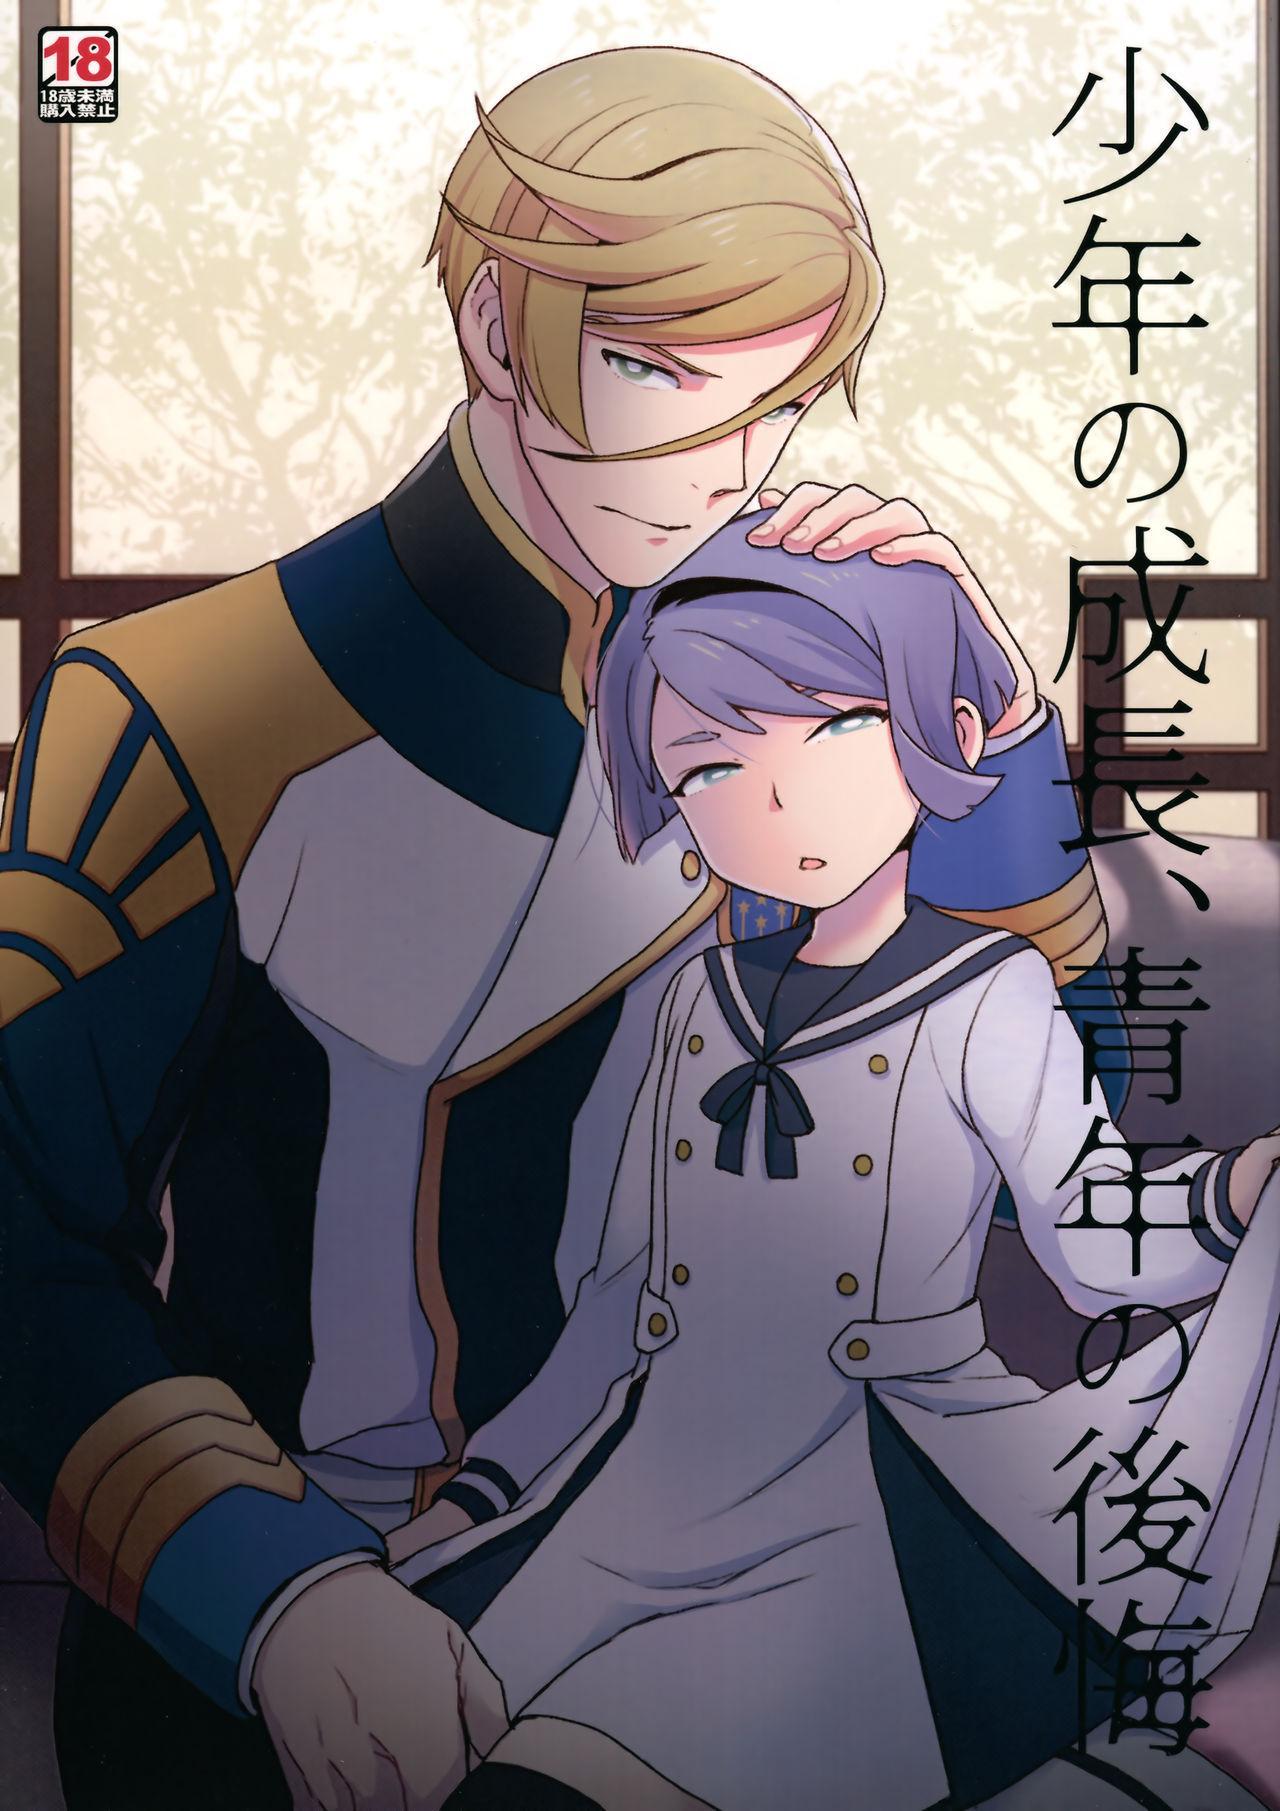 Shounen no seichou, seinen no koukai   A Boy's Growth, A Young Man's Remorse 0